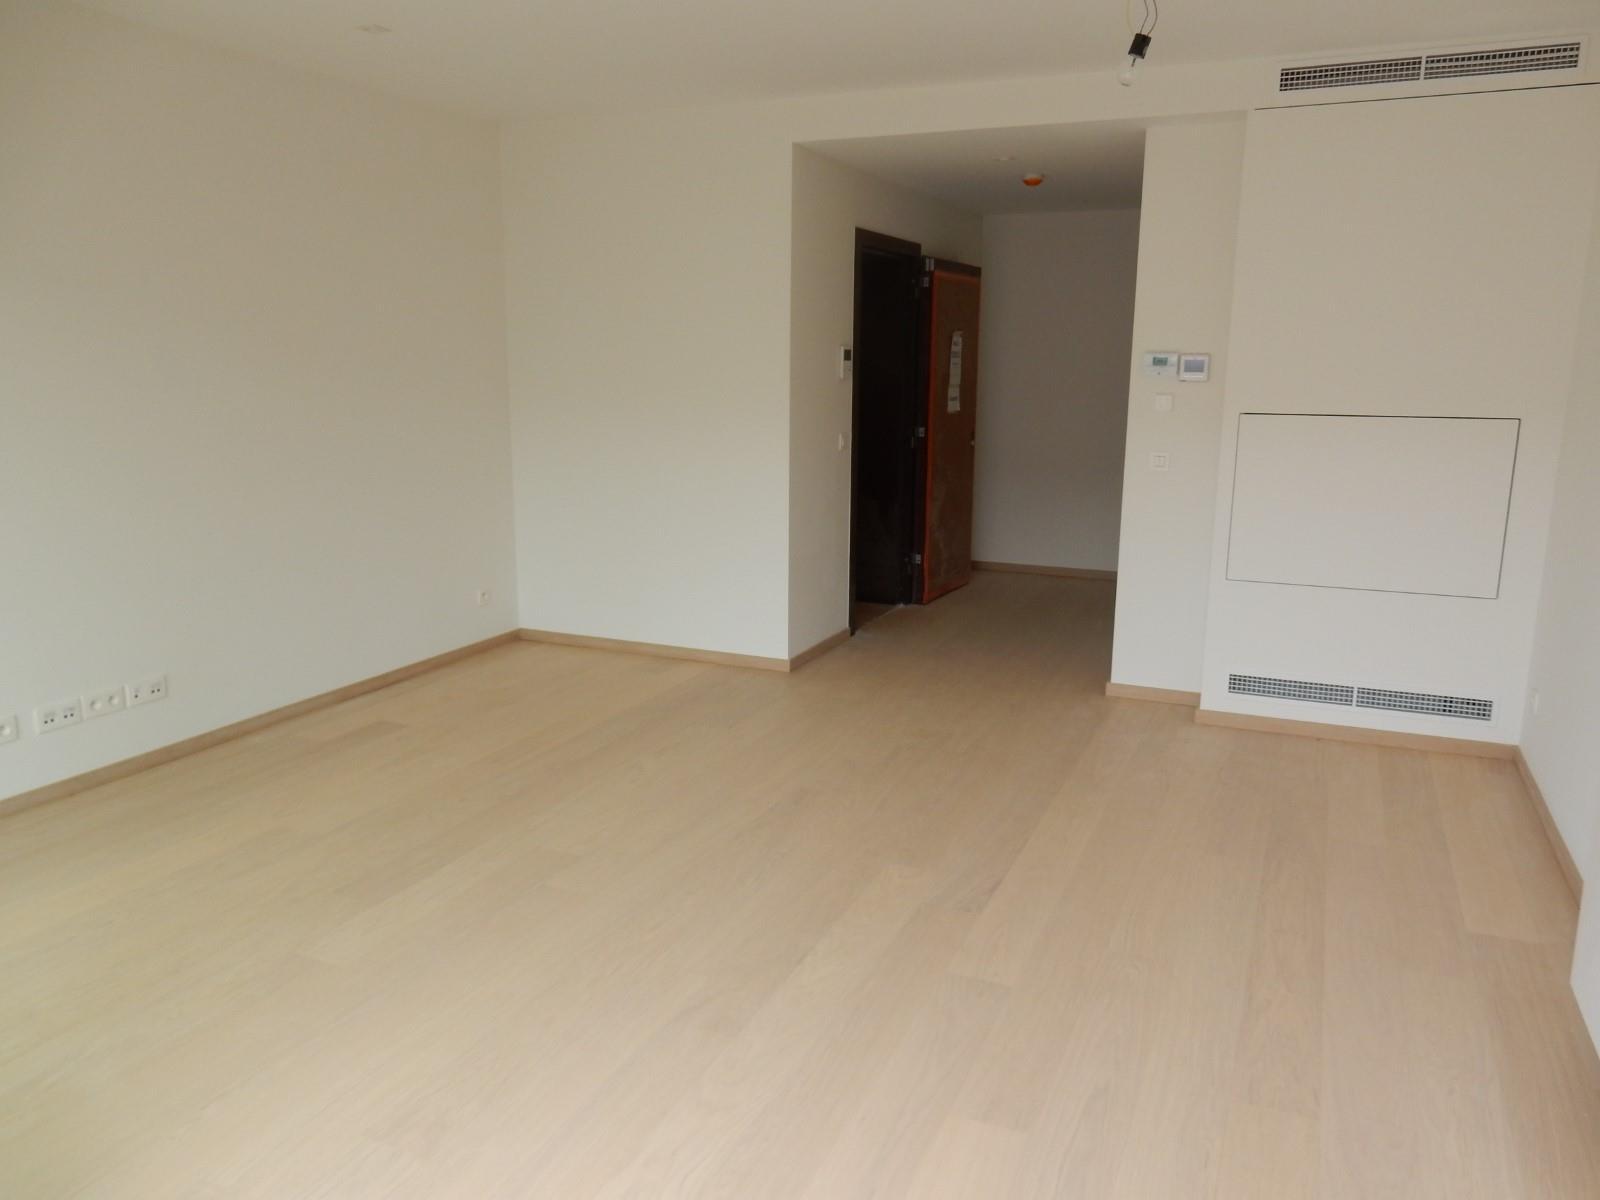 Appartement exceptionnel - Ixelles - #3791385-8